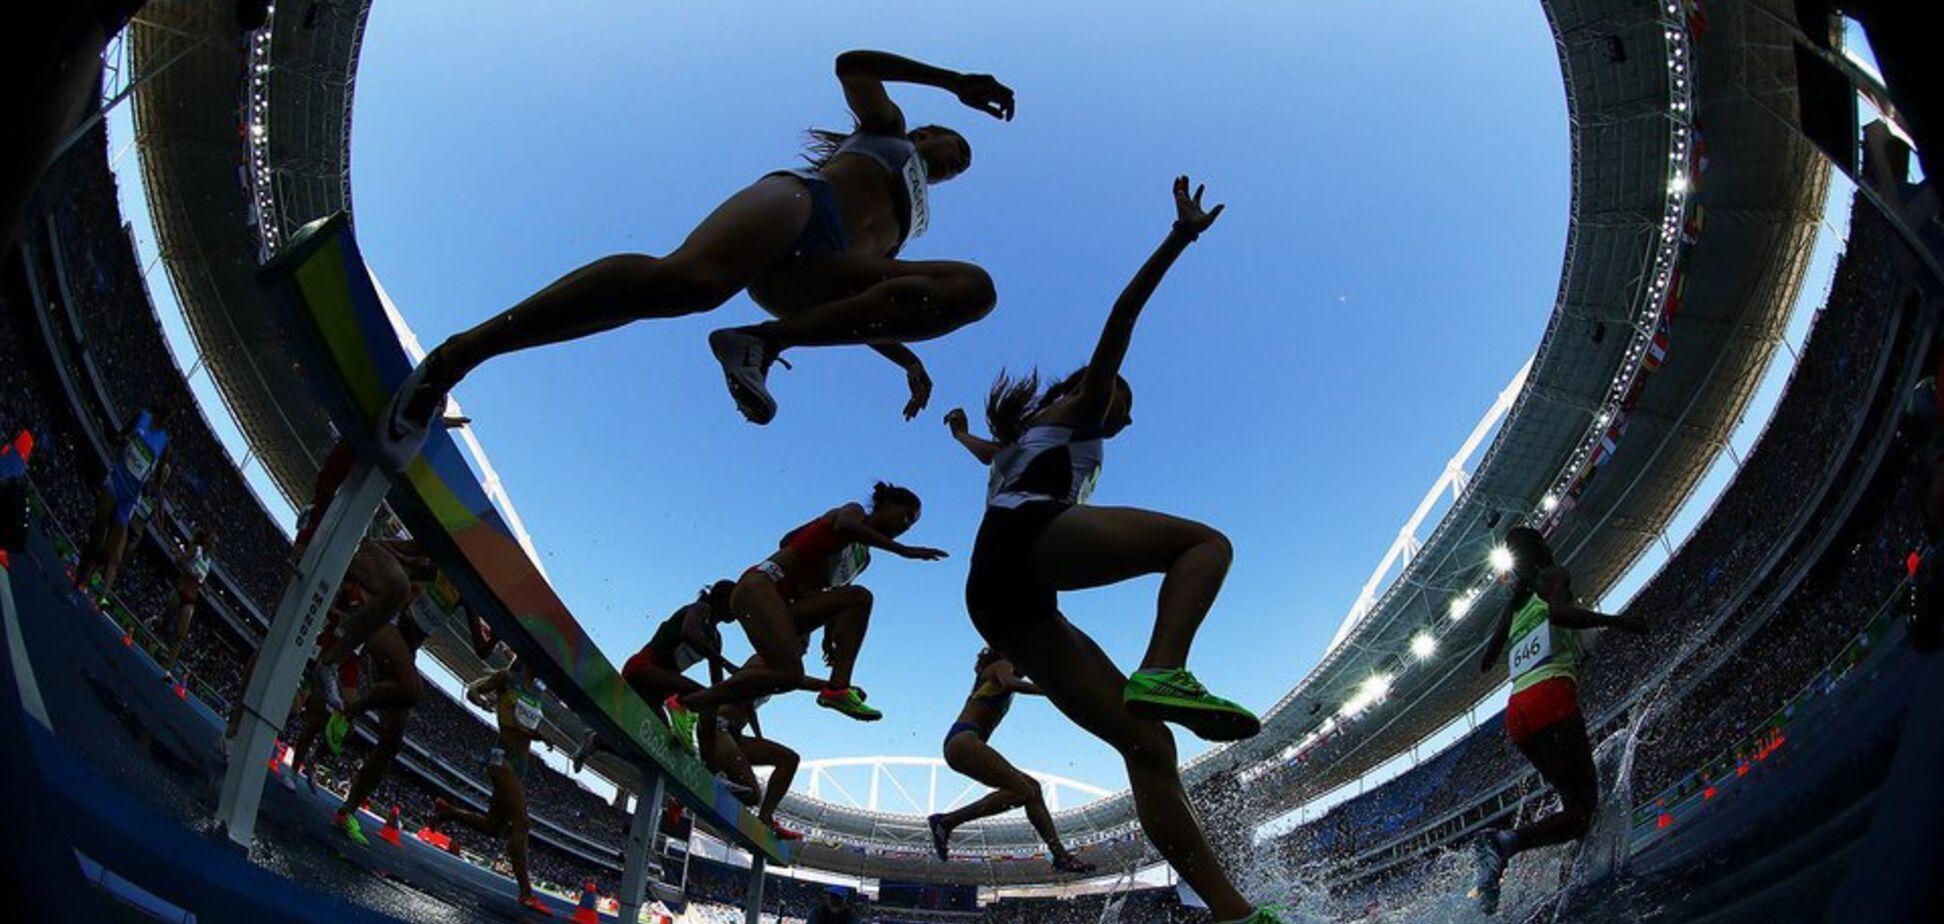 России грозят новые серьезные проблемы из-за допинга